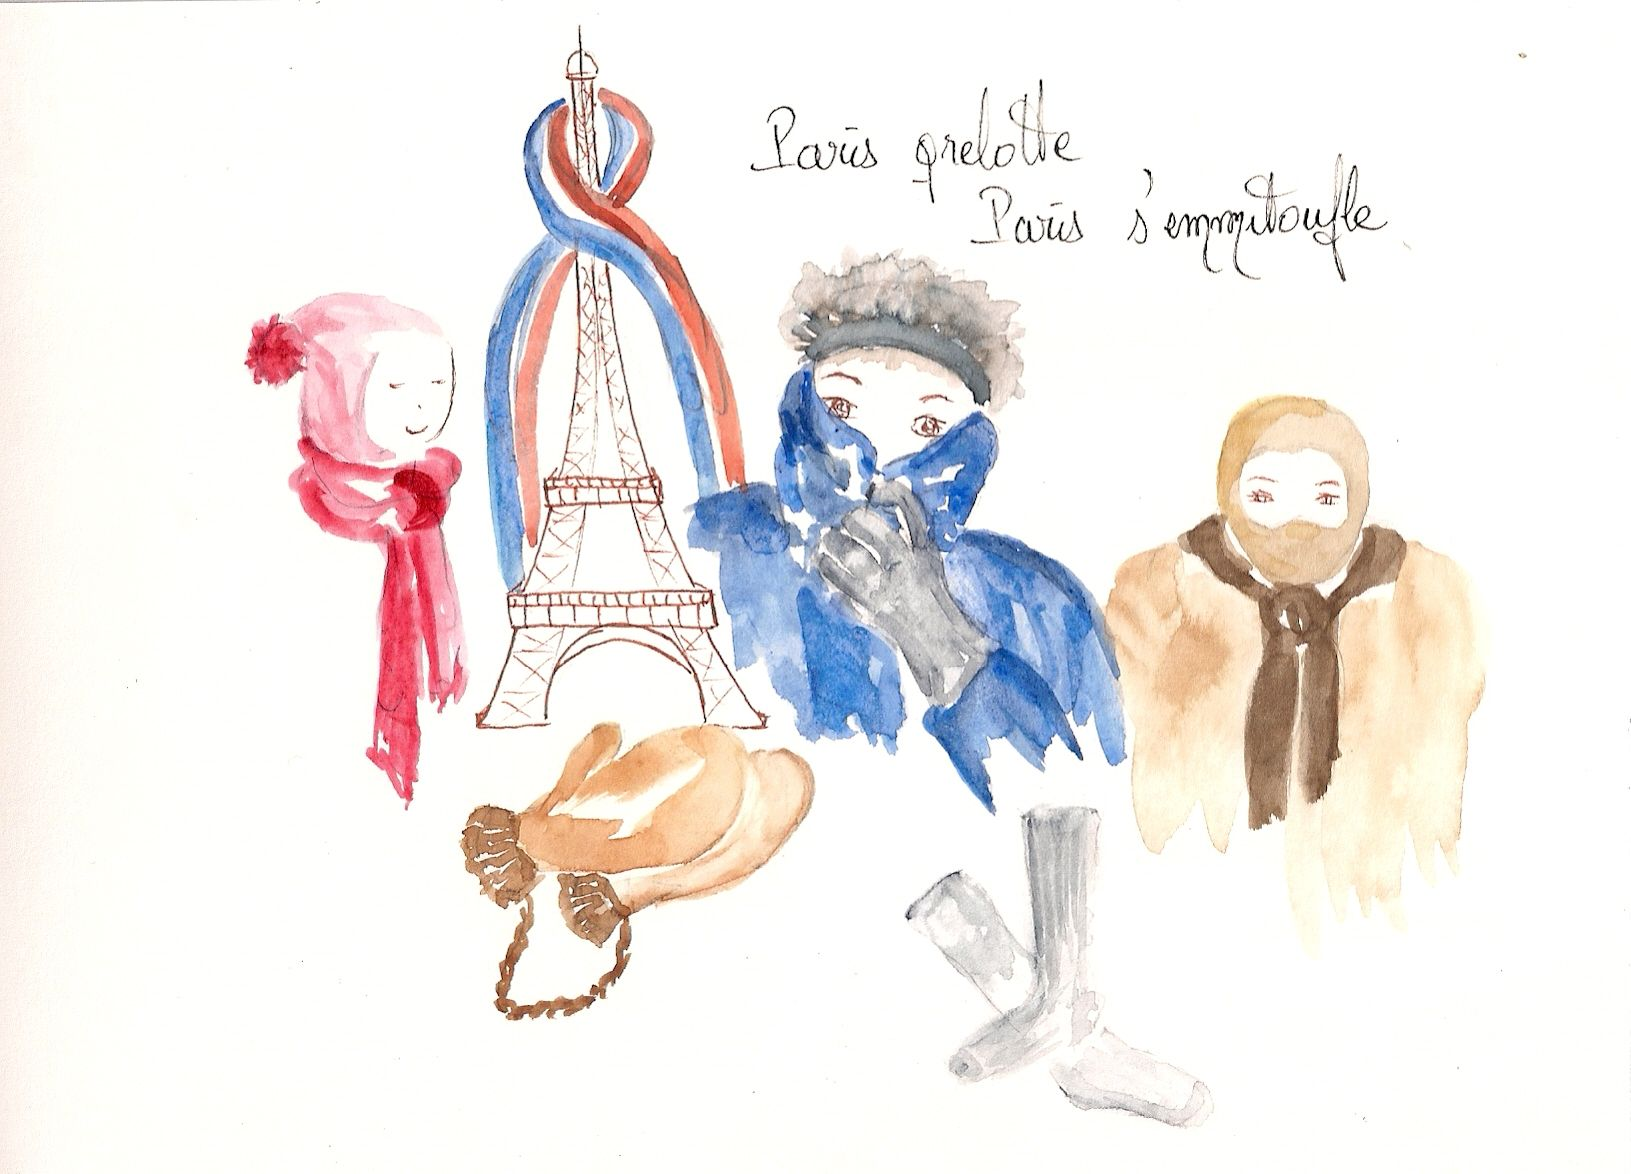 58_Paris_grelotte